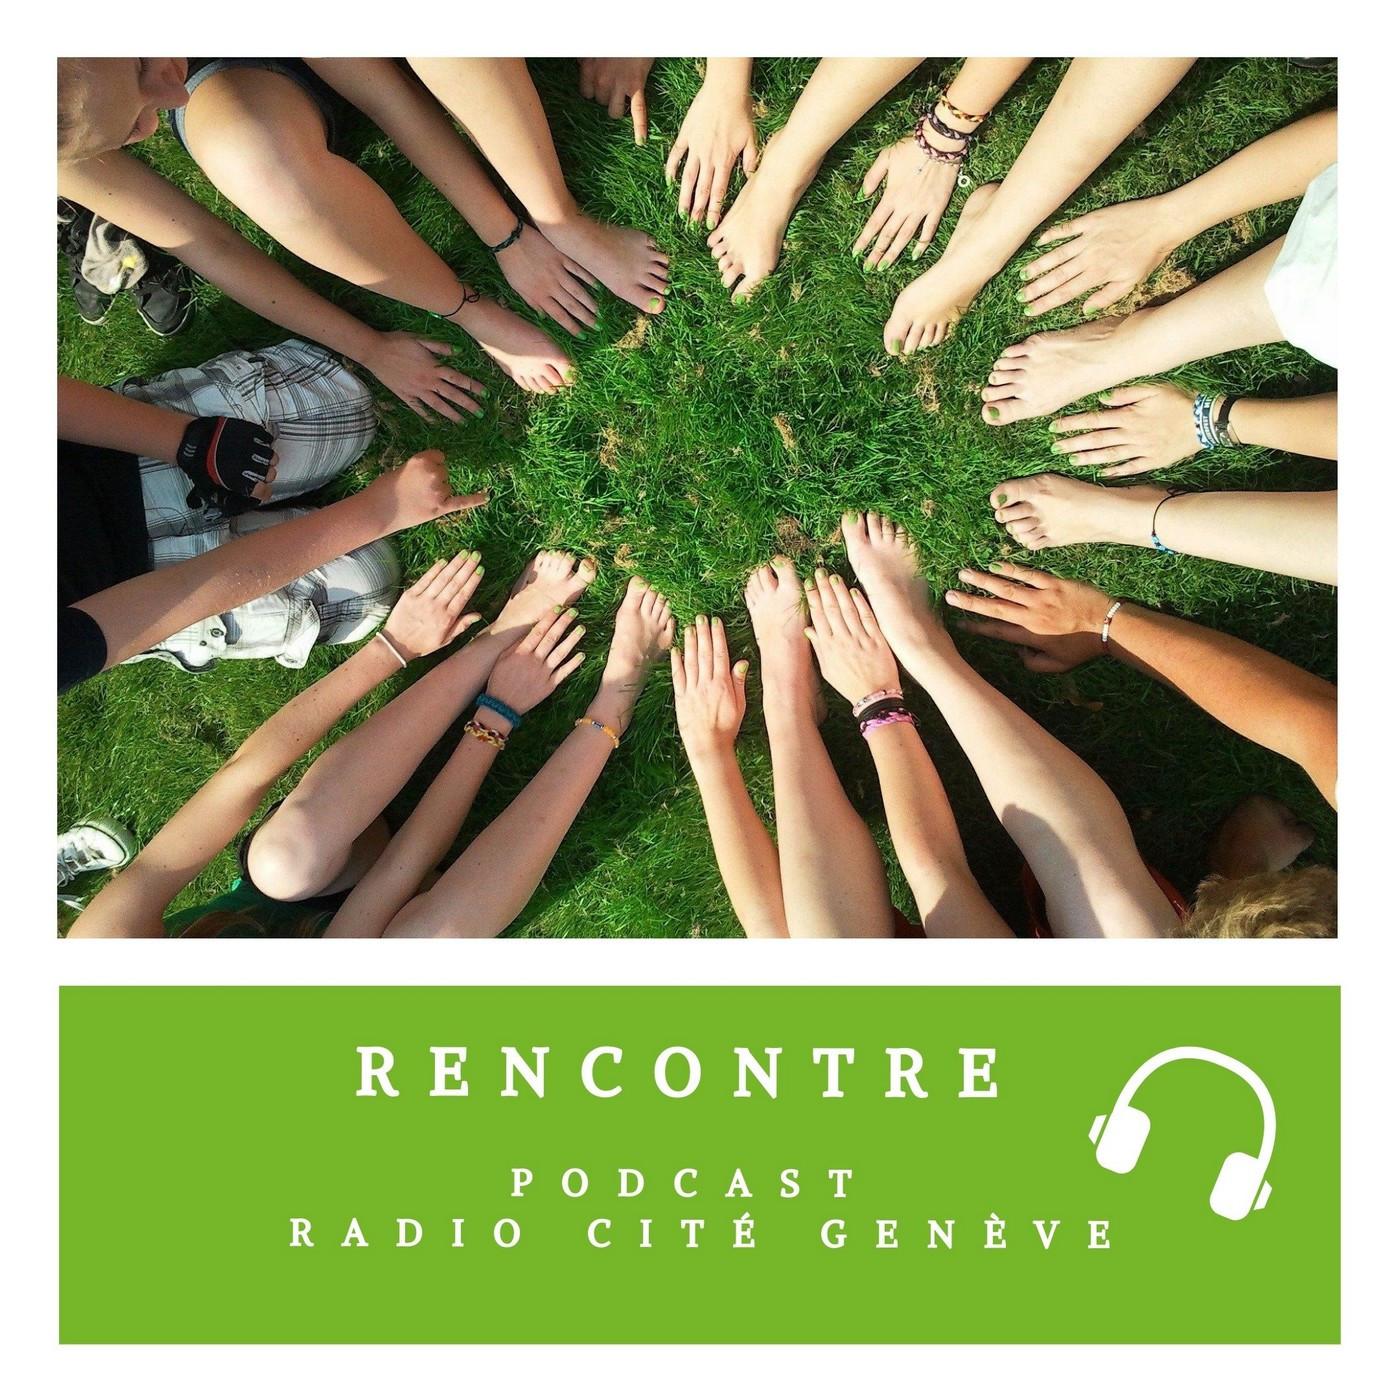 Rencontre du 08/02/21 - François Beuret